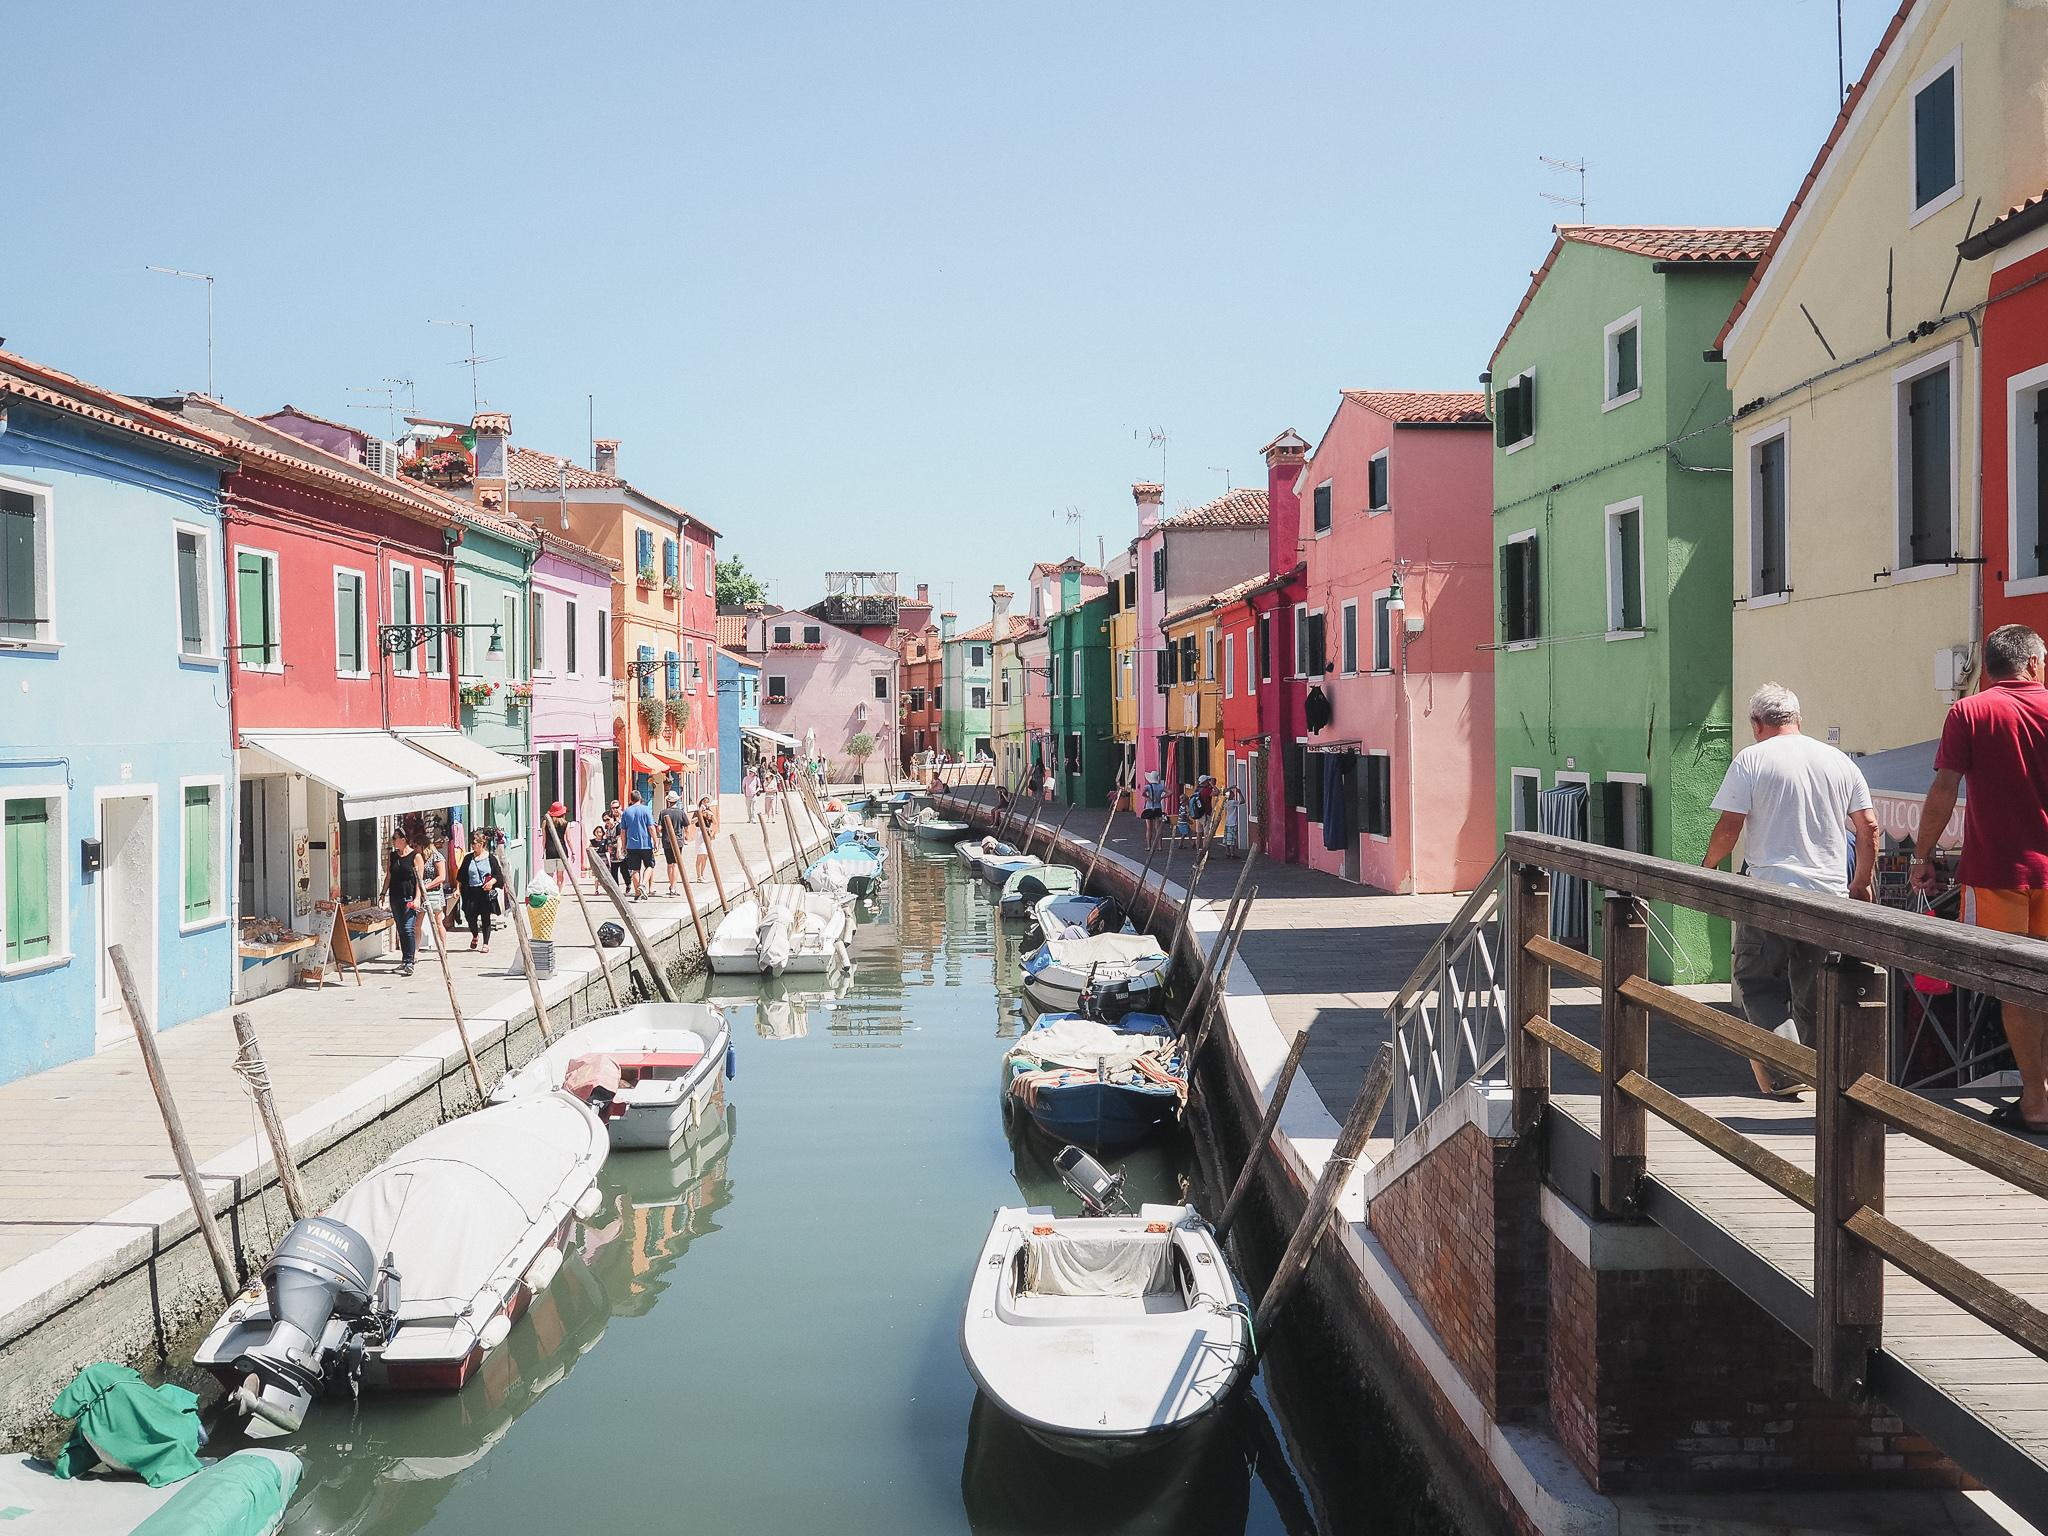 Venice-Burano-Italy-9.jpg